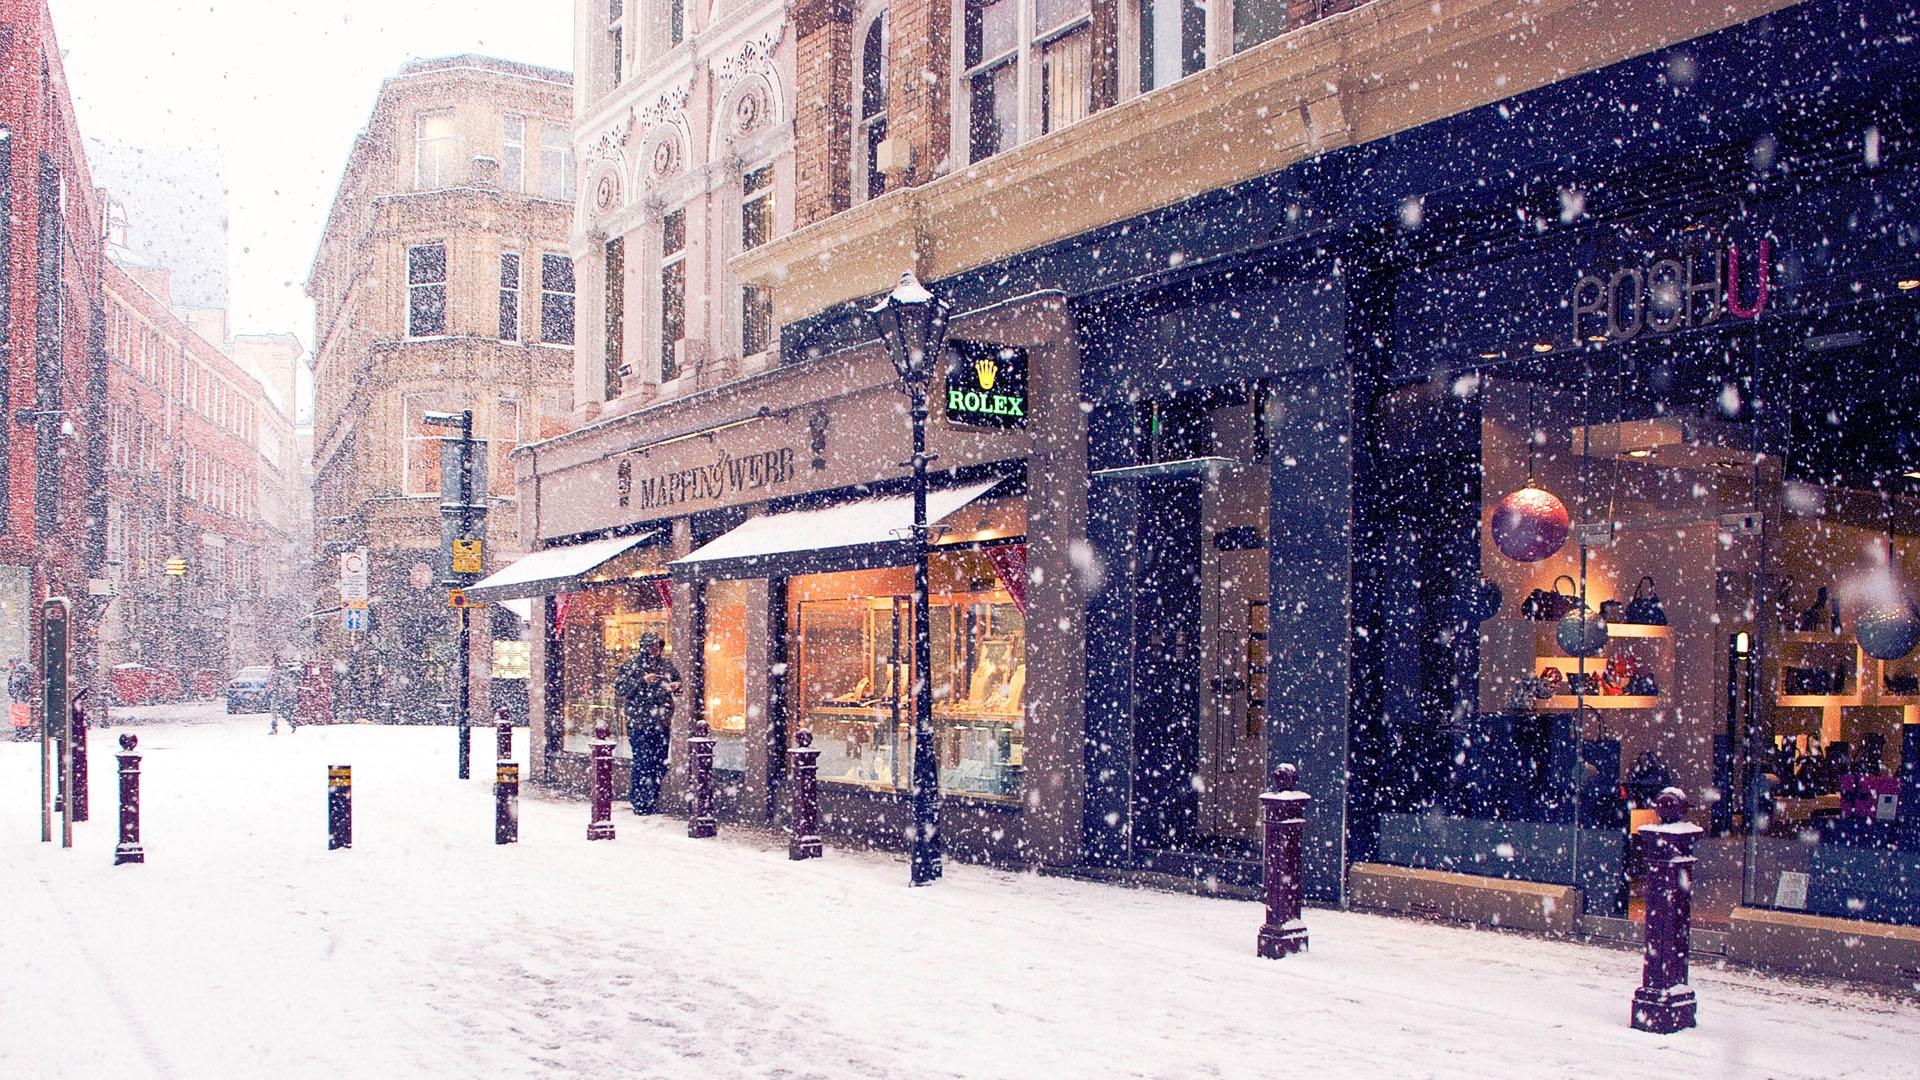 Hình nền mùa đông đẹp cho máy tính